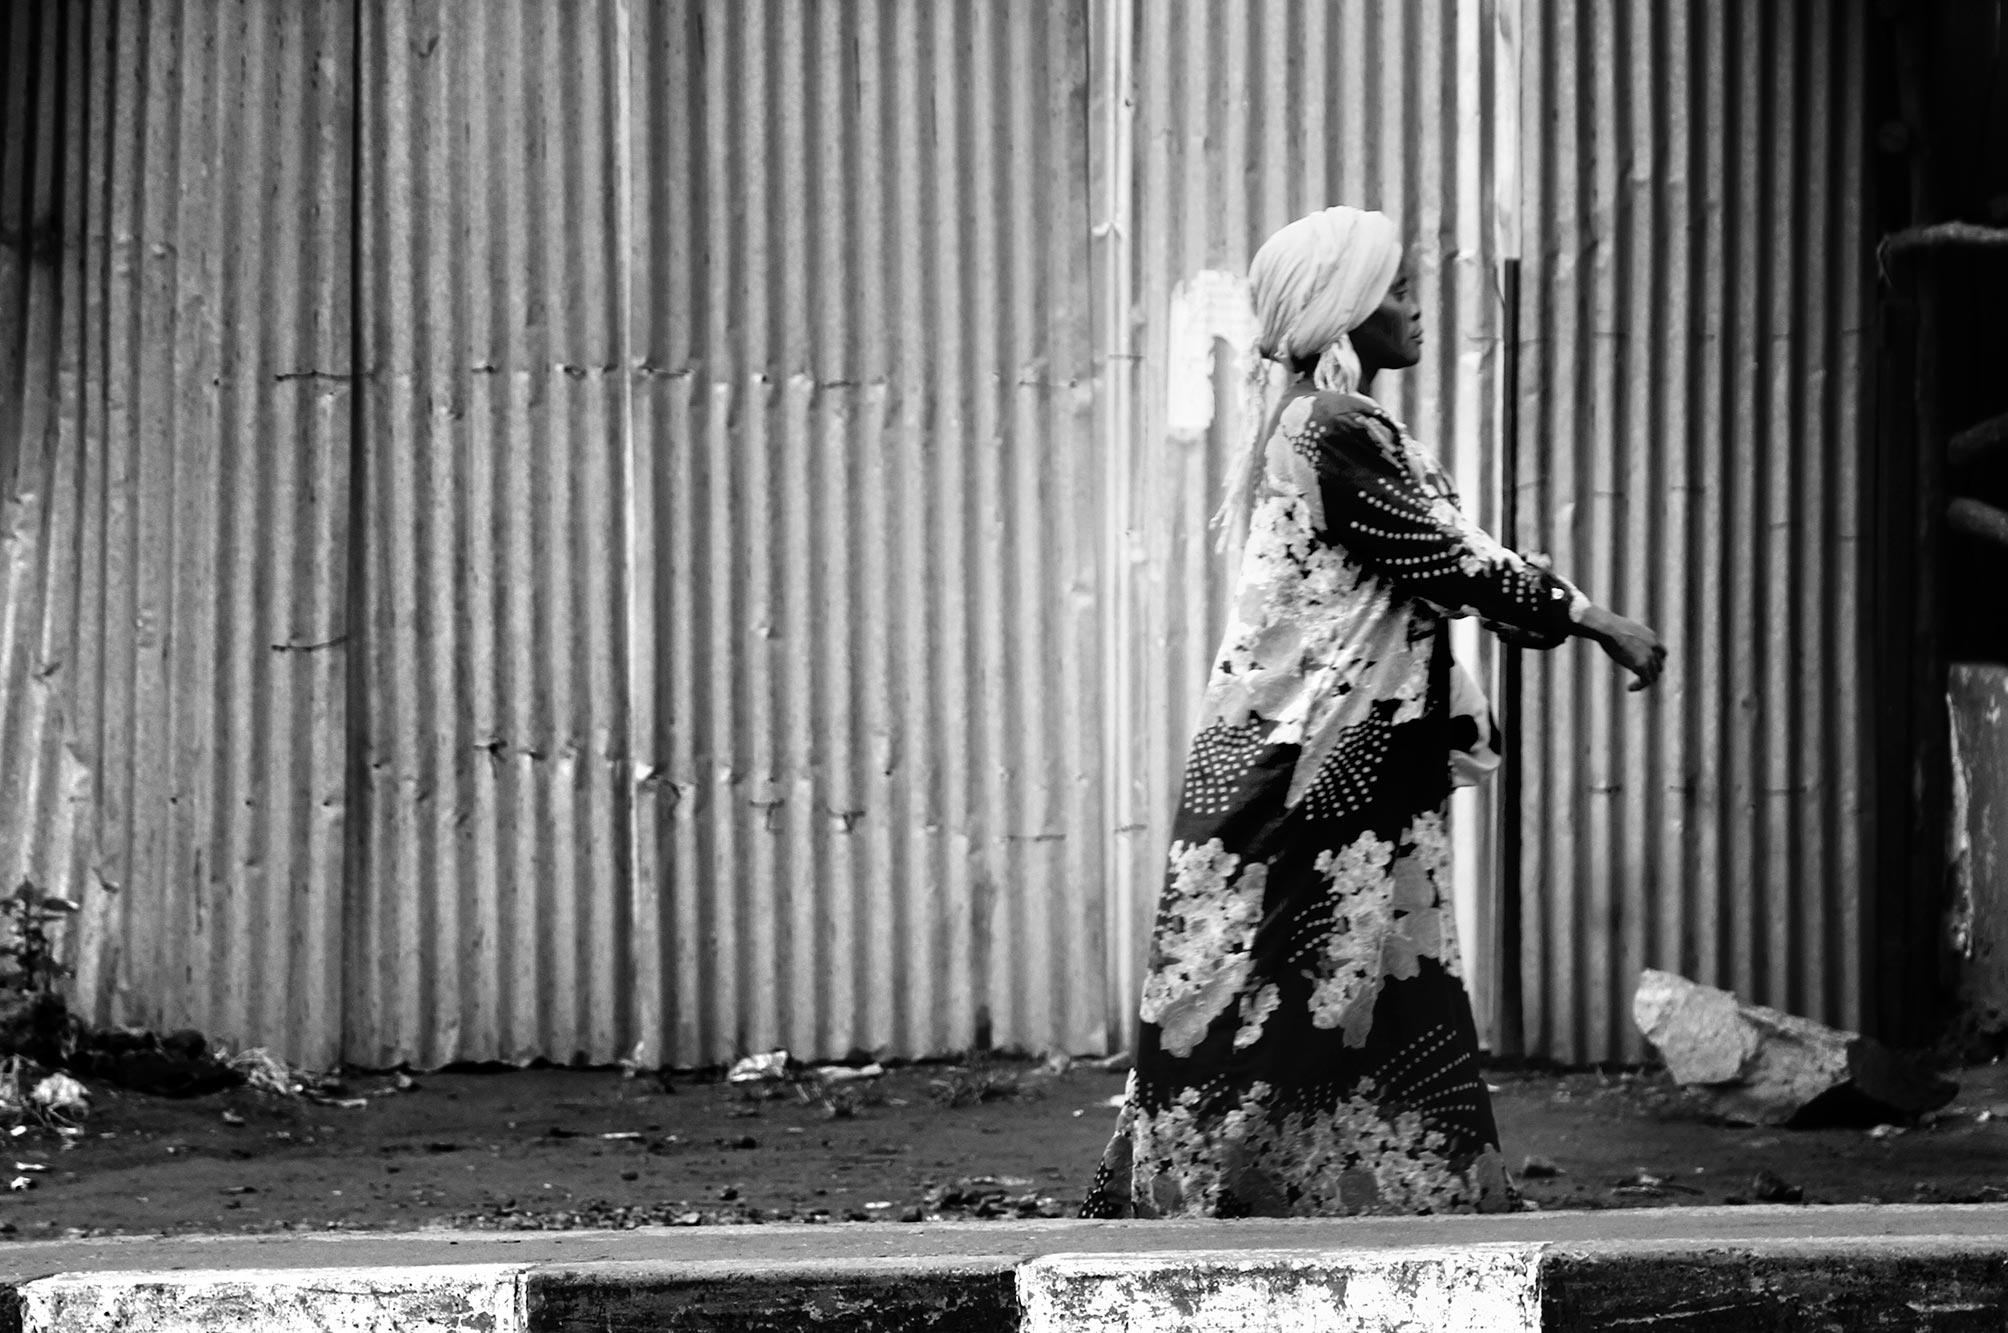 Uganda lady walking against corrugated fence